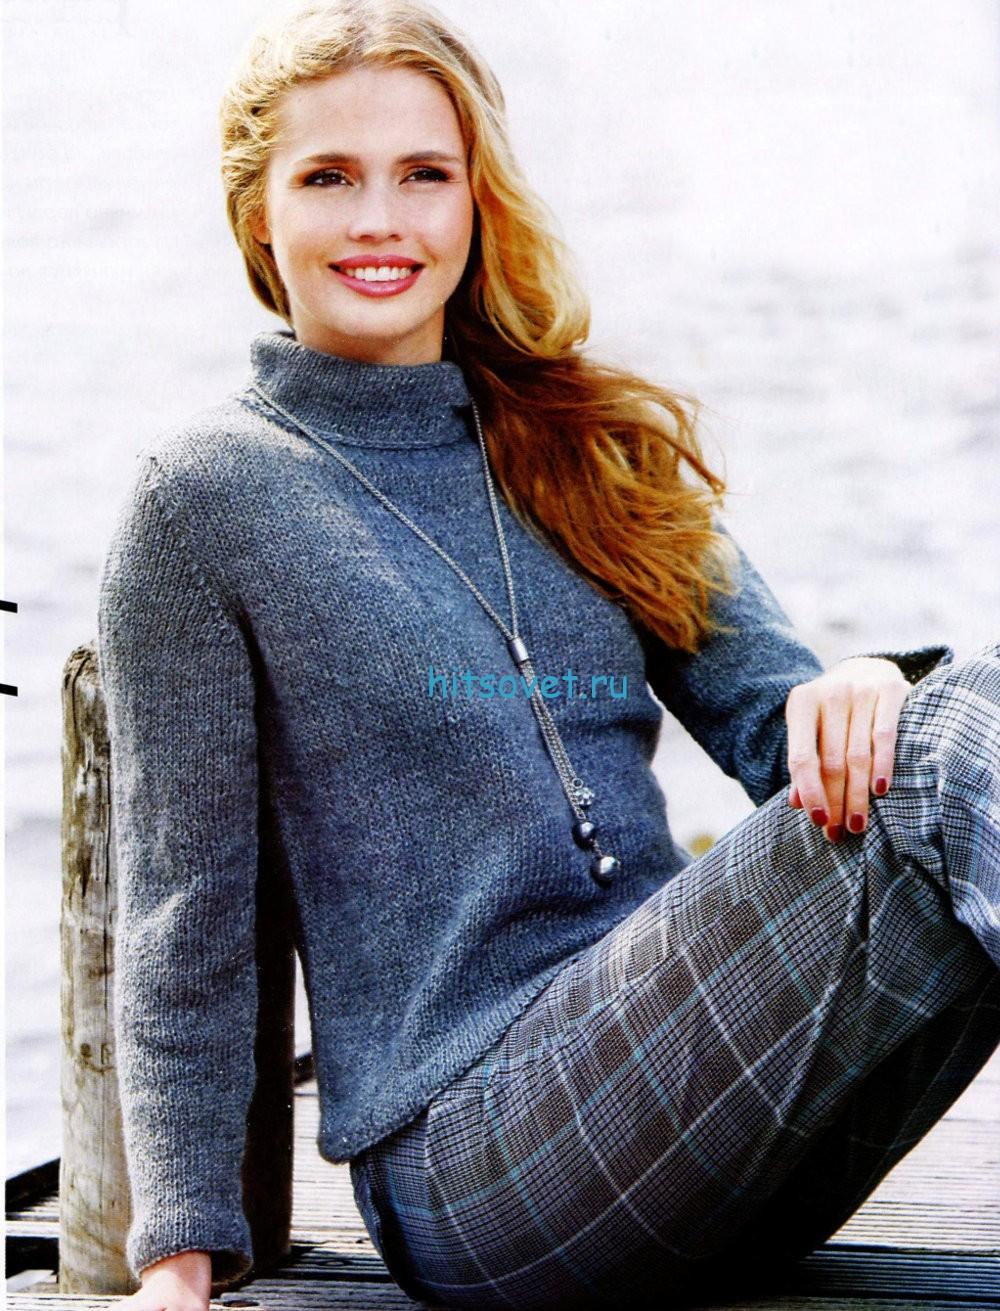 Вязание свитера из тонкой пряжи, фото.